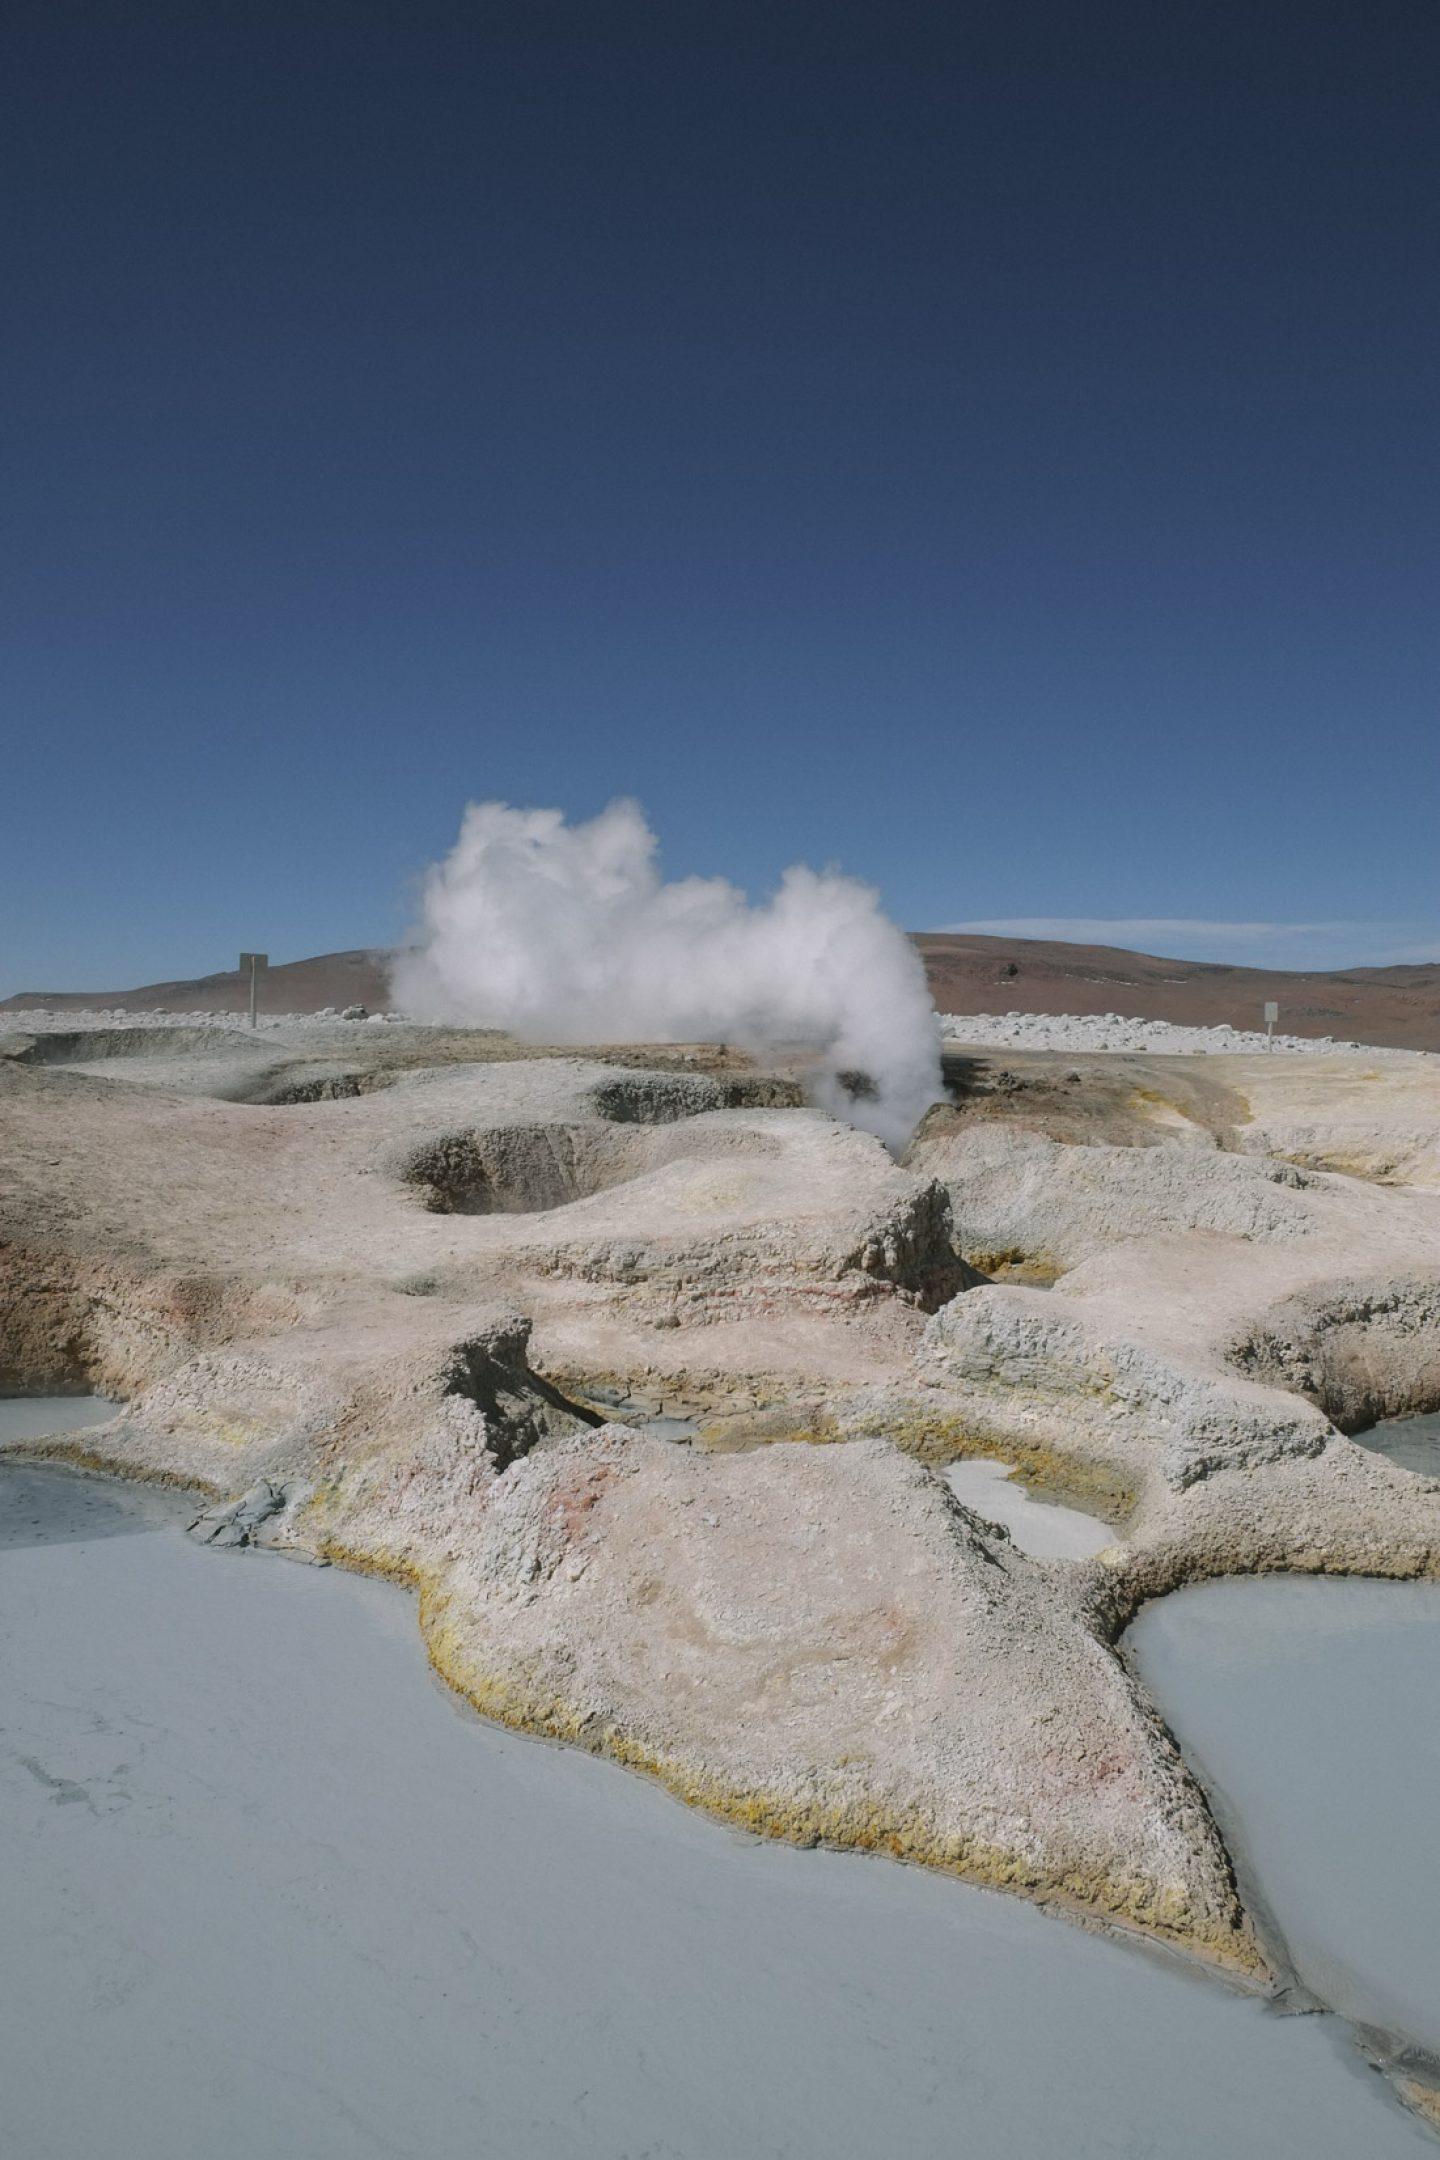 iGNANT_OnThe Road_Anke_Nunheim_Bolivia-10